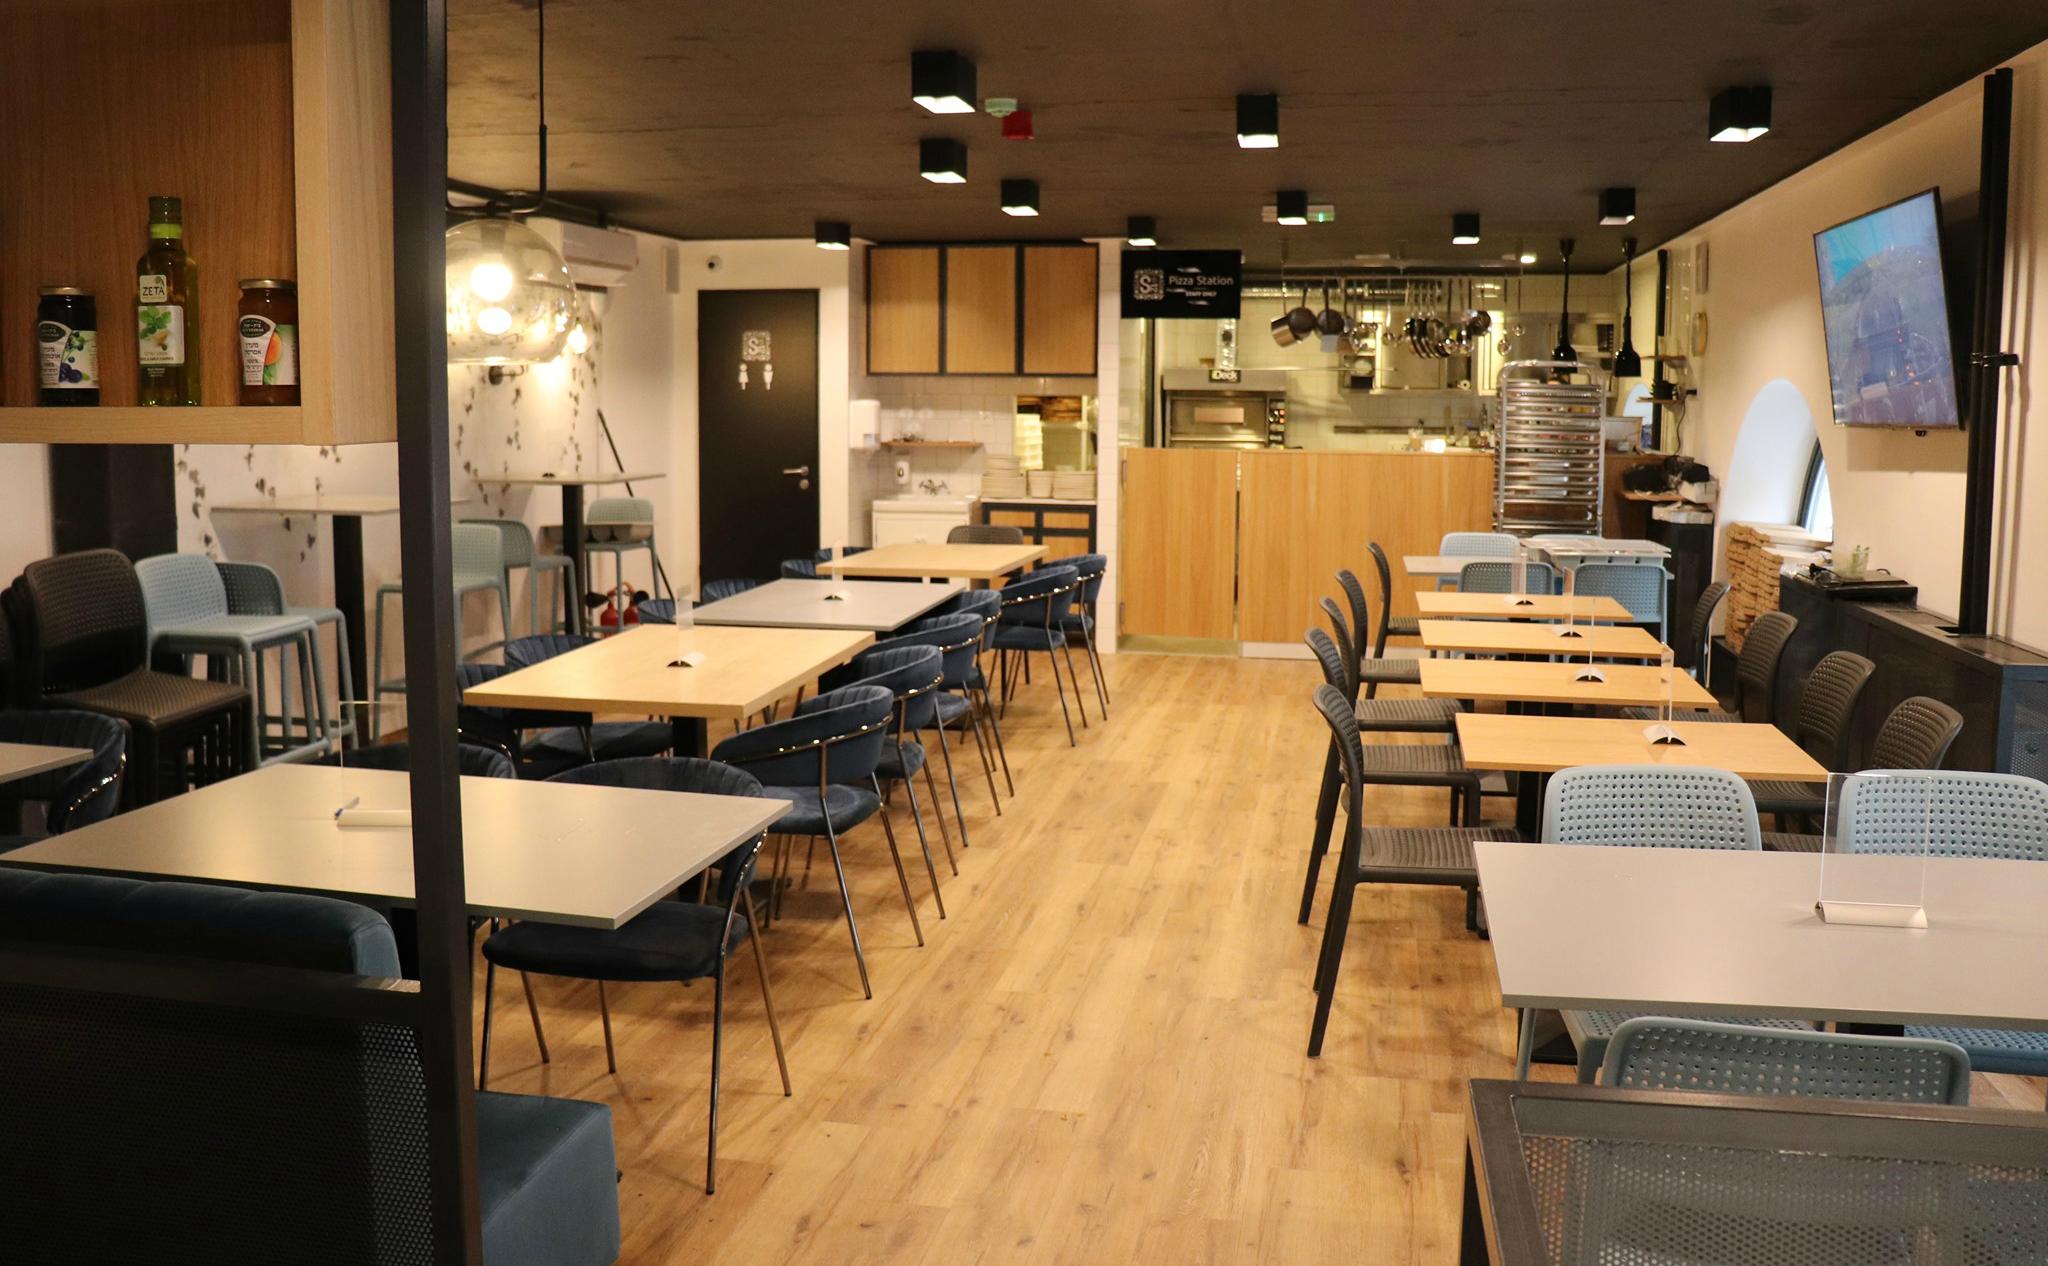 Kosher Deli Restaurant Budapest מסעדות בבודפשט - מסעדת כשר דלי